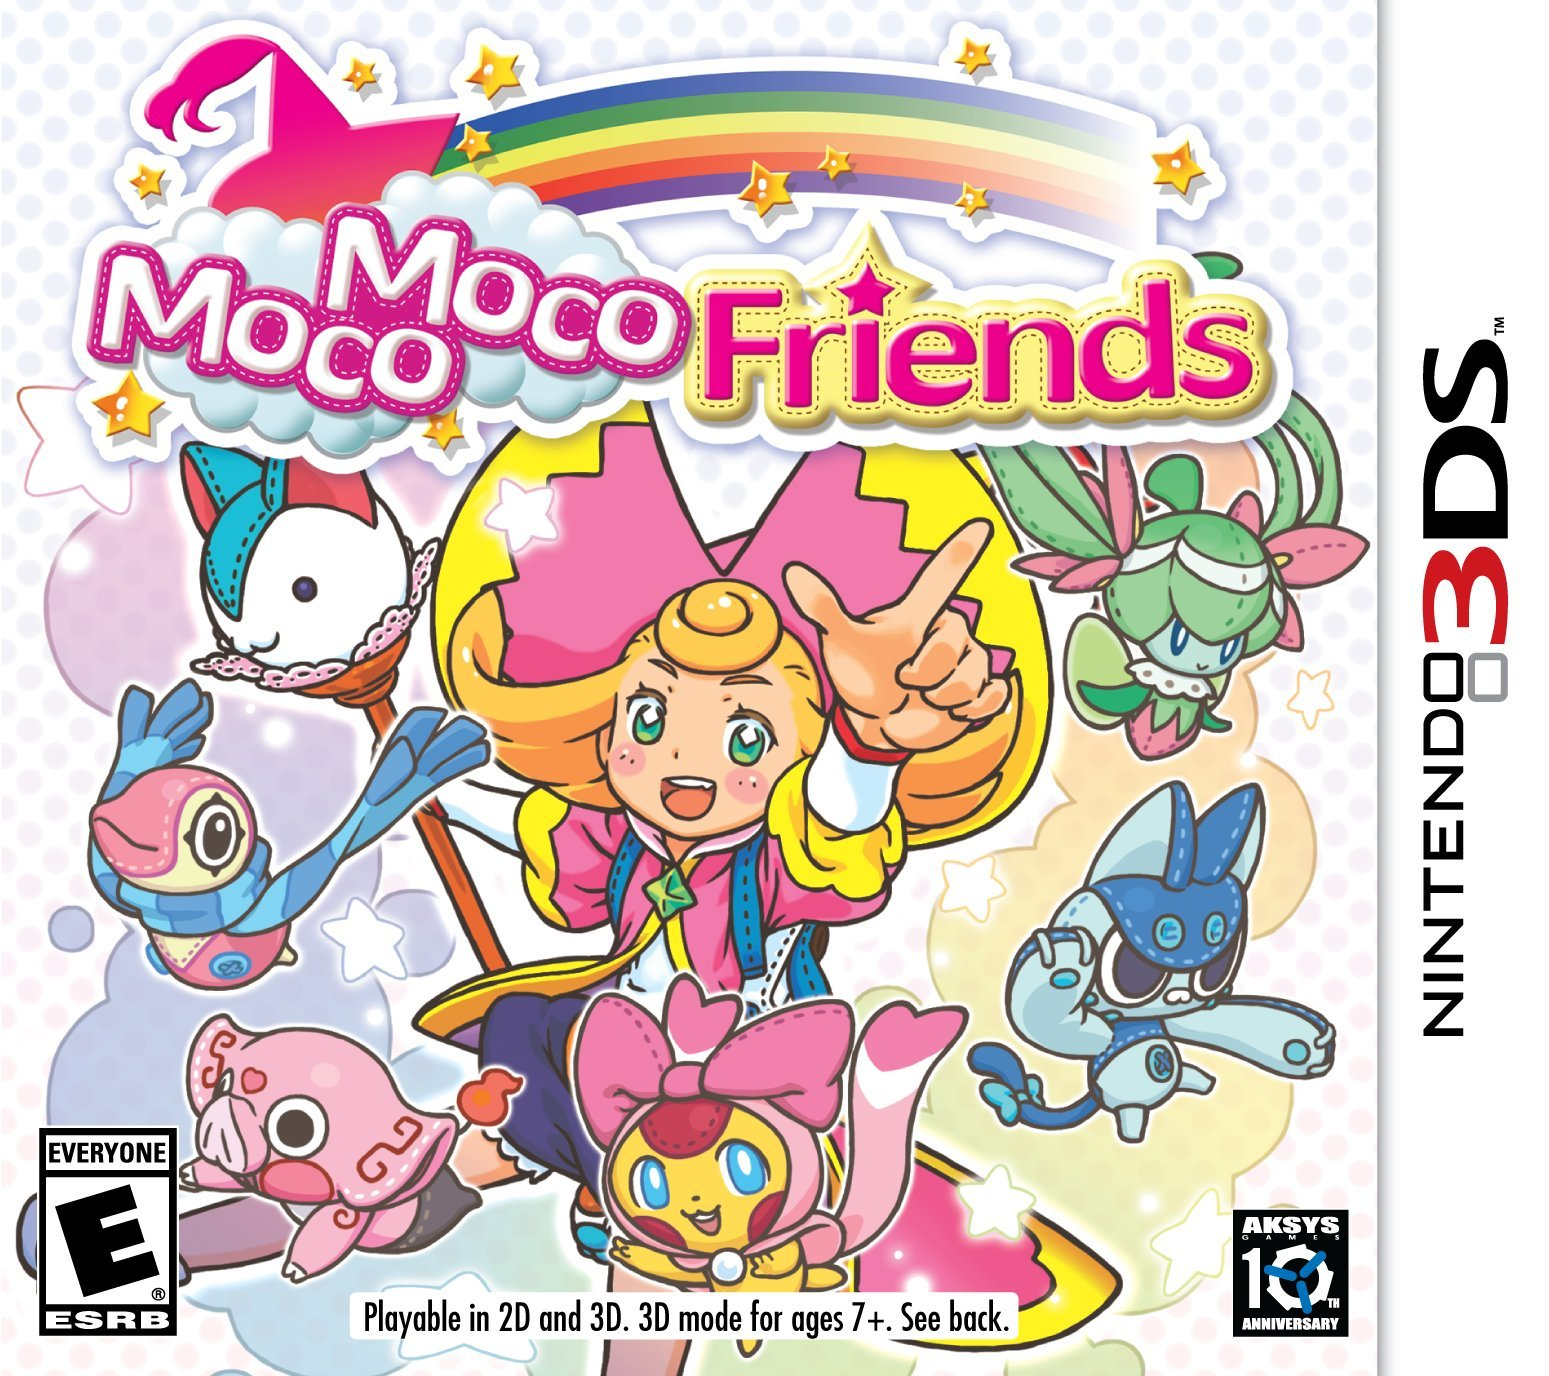 Moco Moco Friends - Nintendo 3DS